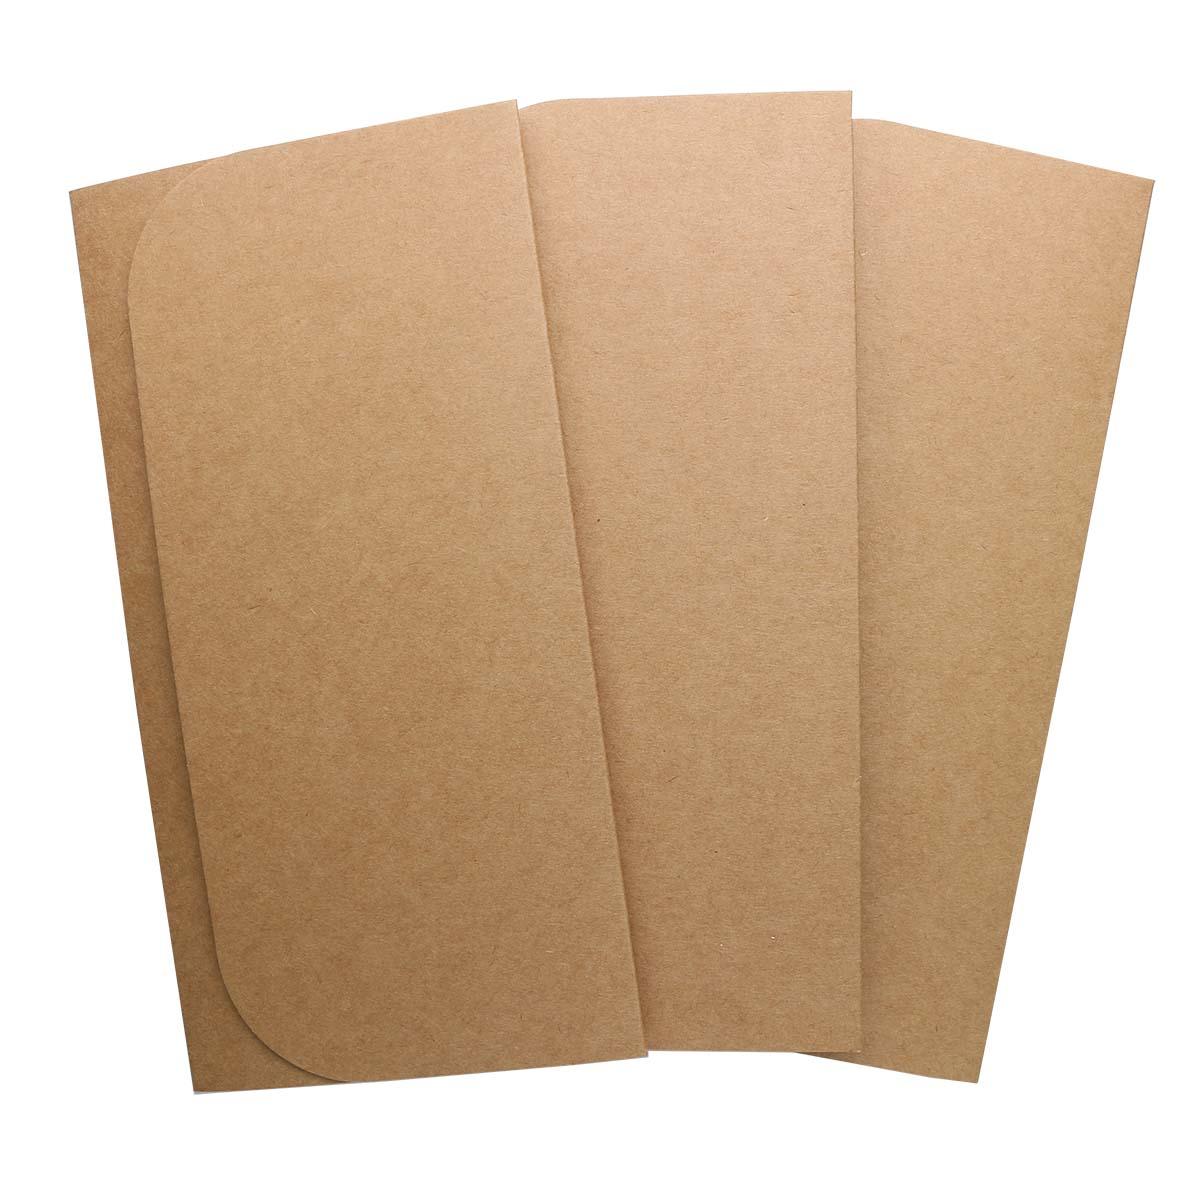 Основа для подарочного конверта №6 КОМПЛЕКТ 3шт ОК6